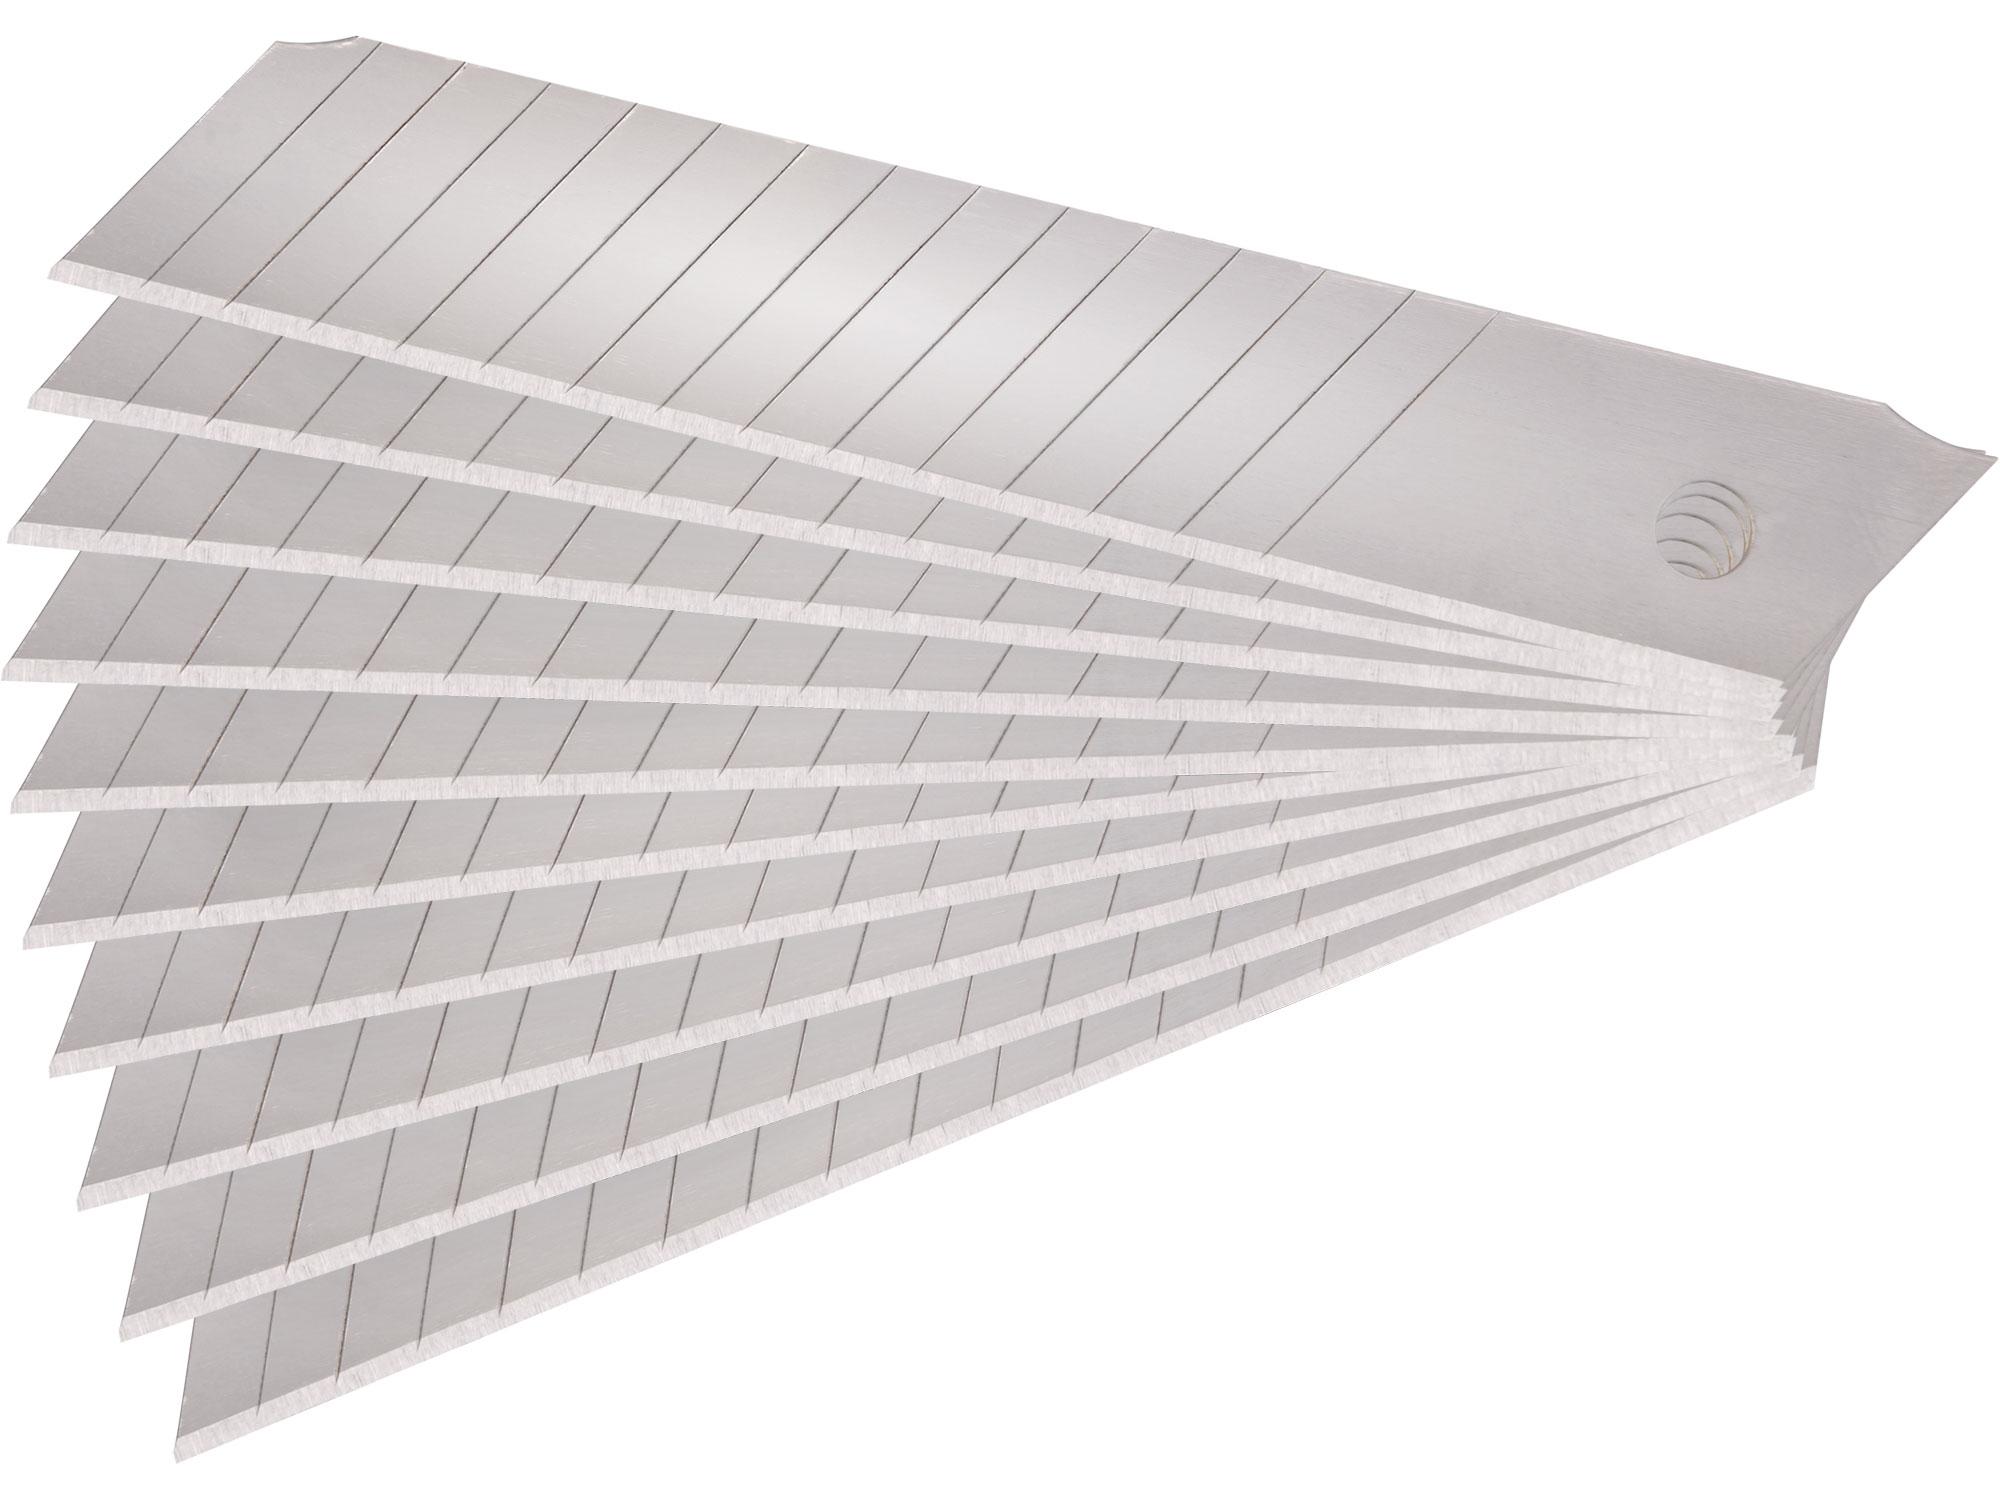 Náhradní břity pro ulamovací nože, šíře 18 x  0,50 mm, 10 kusů, Etol Premium